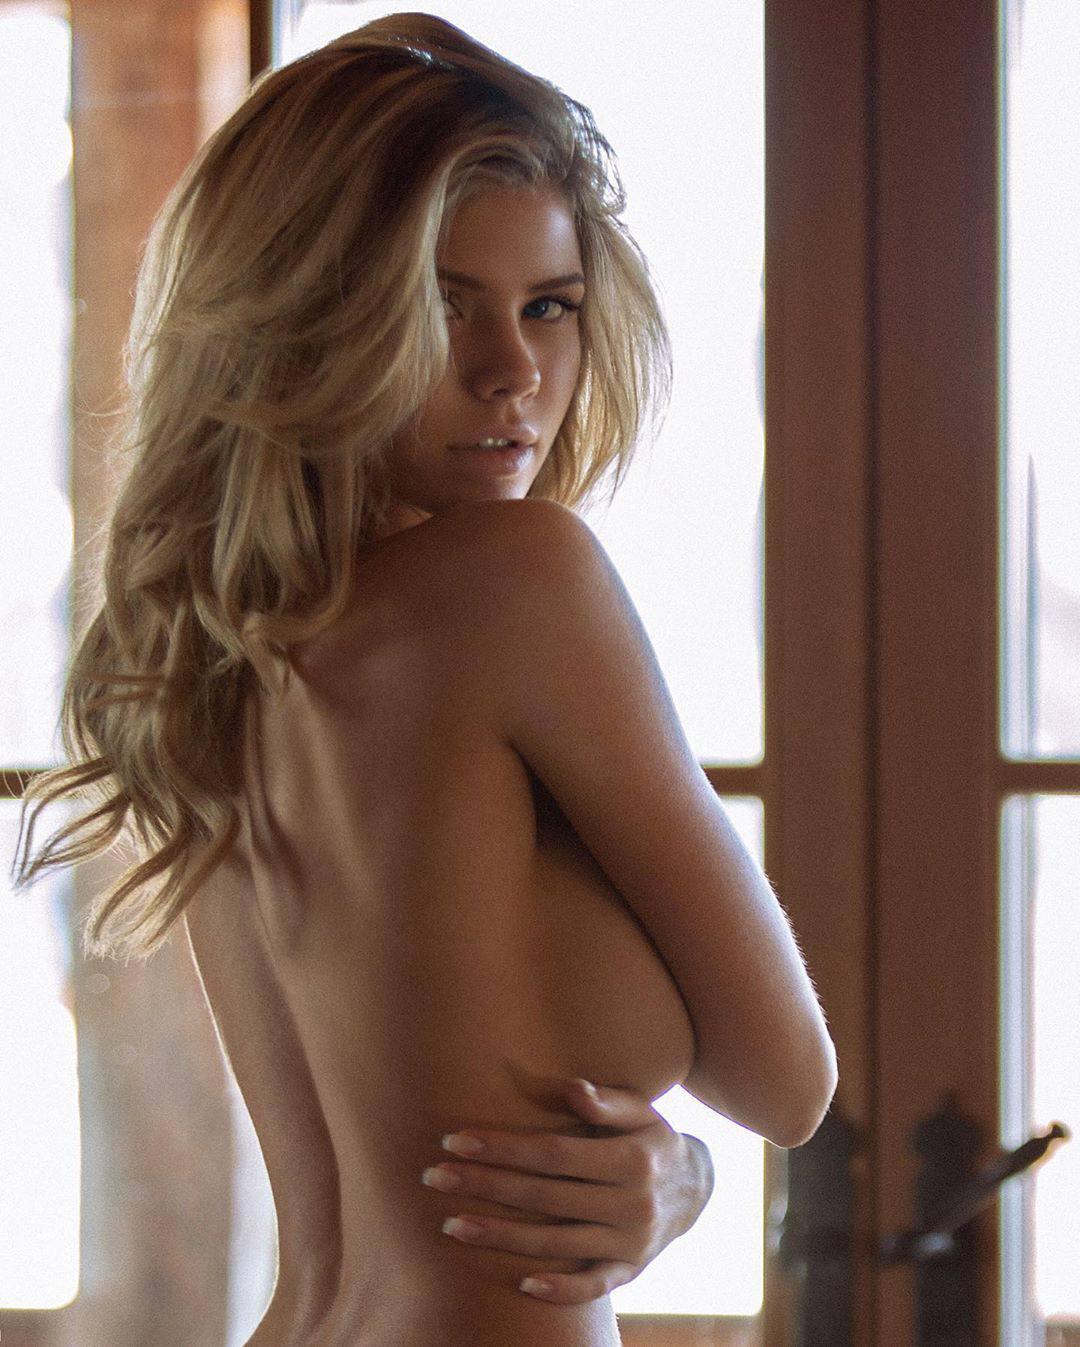 Natalya Krasavina – Sexy Ass And Boobs In Hot Photoshoot 0002